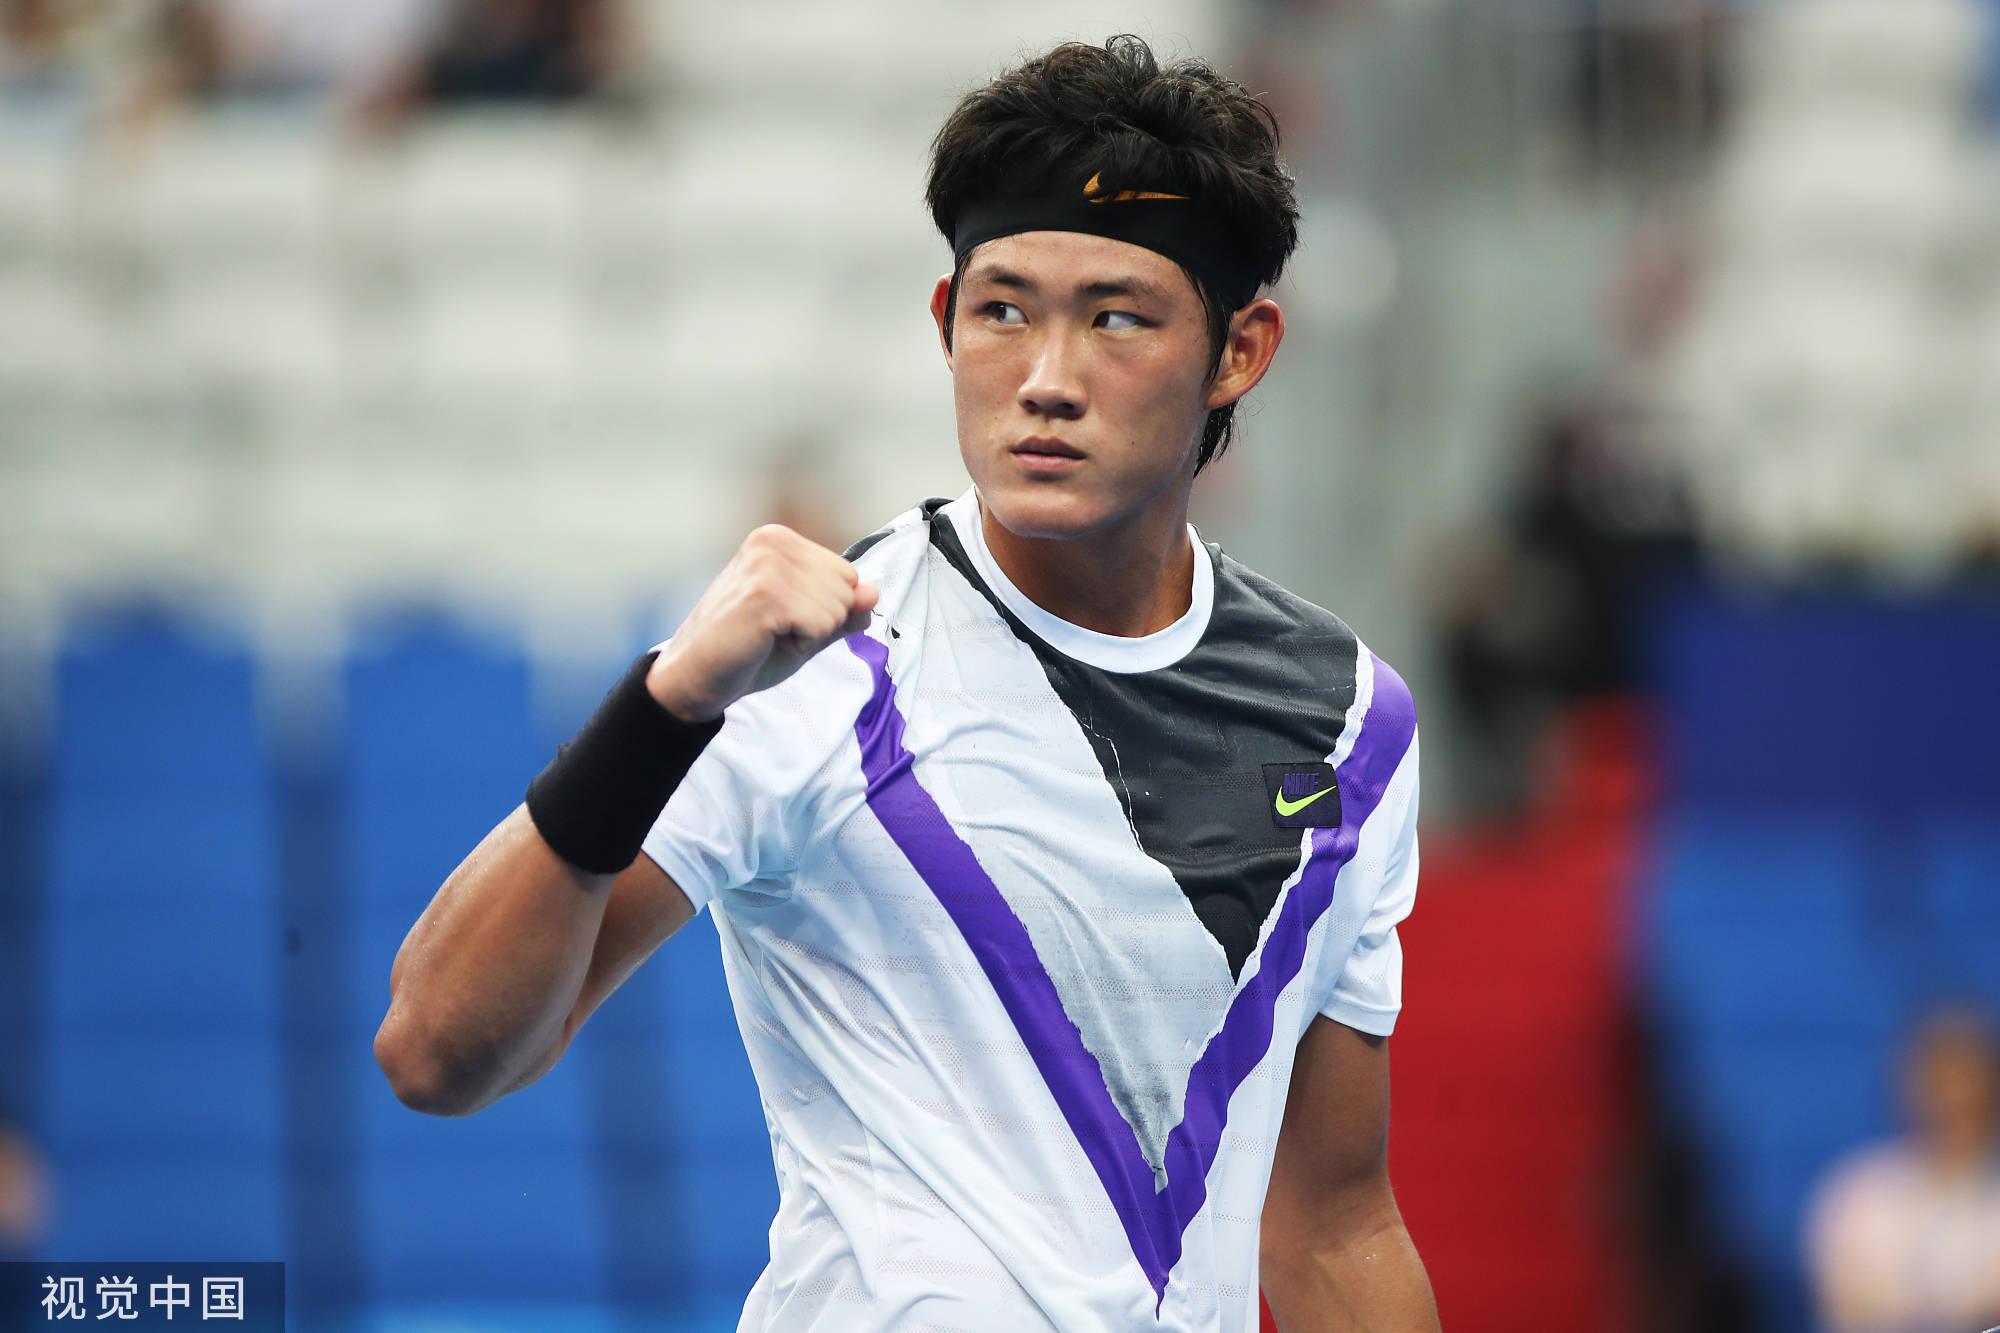 全运会网球男单张之臻轰16ACE晋级 柏衍晋级将战张择